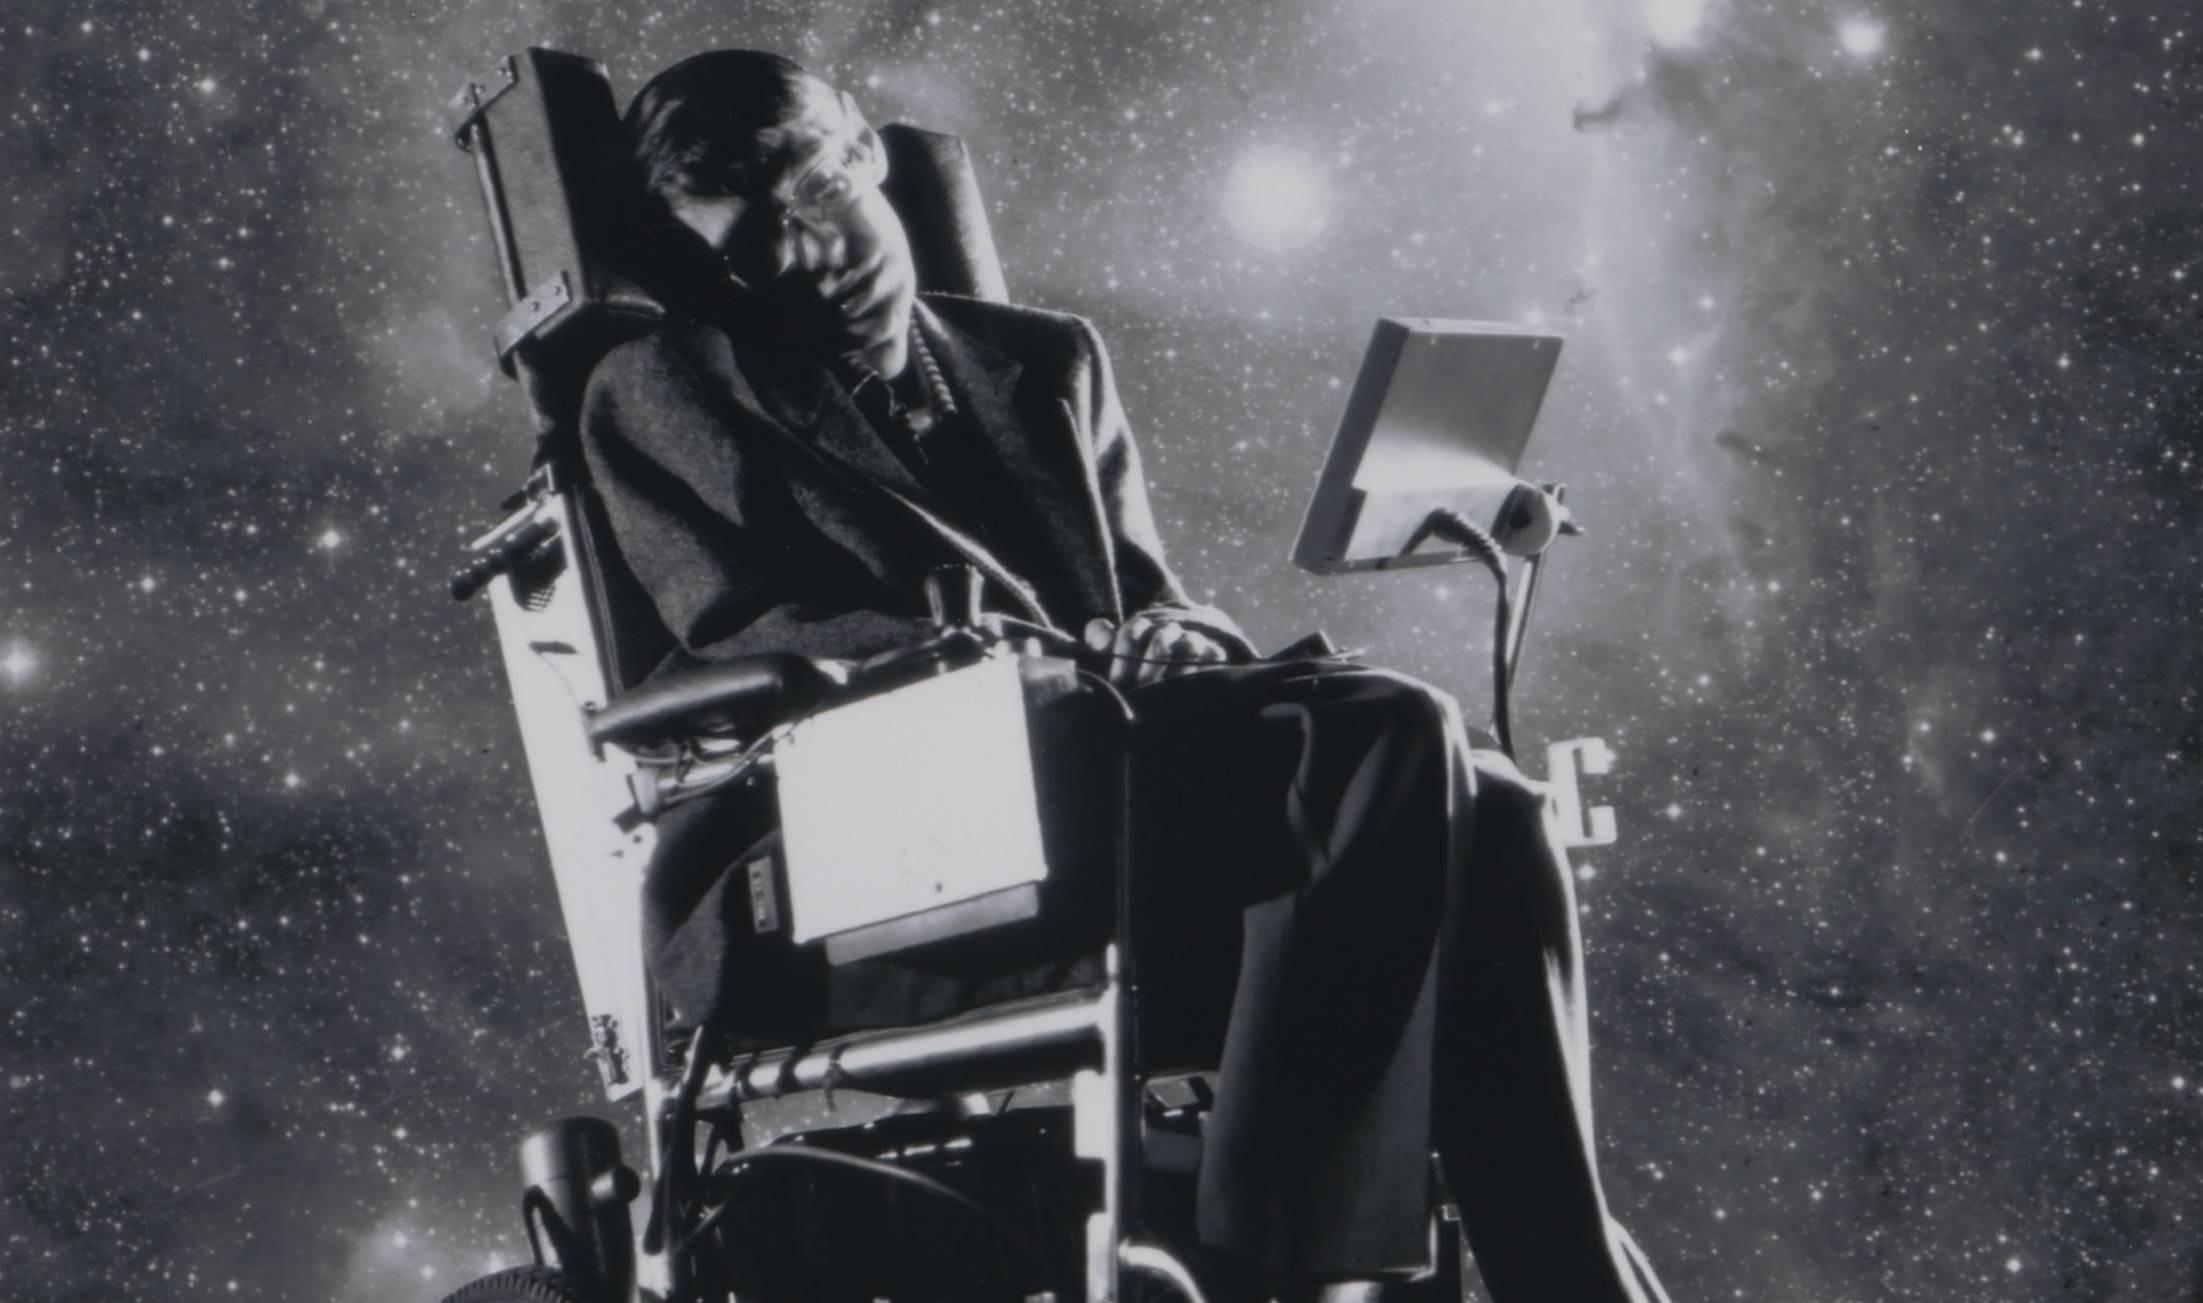 Humorous Hawking